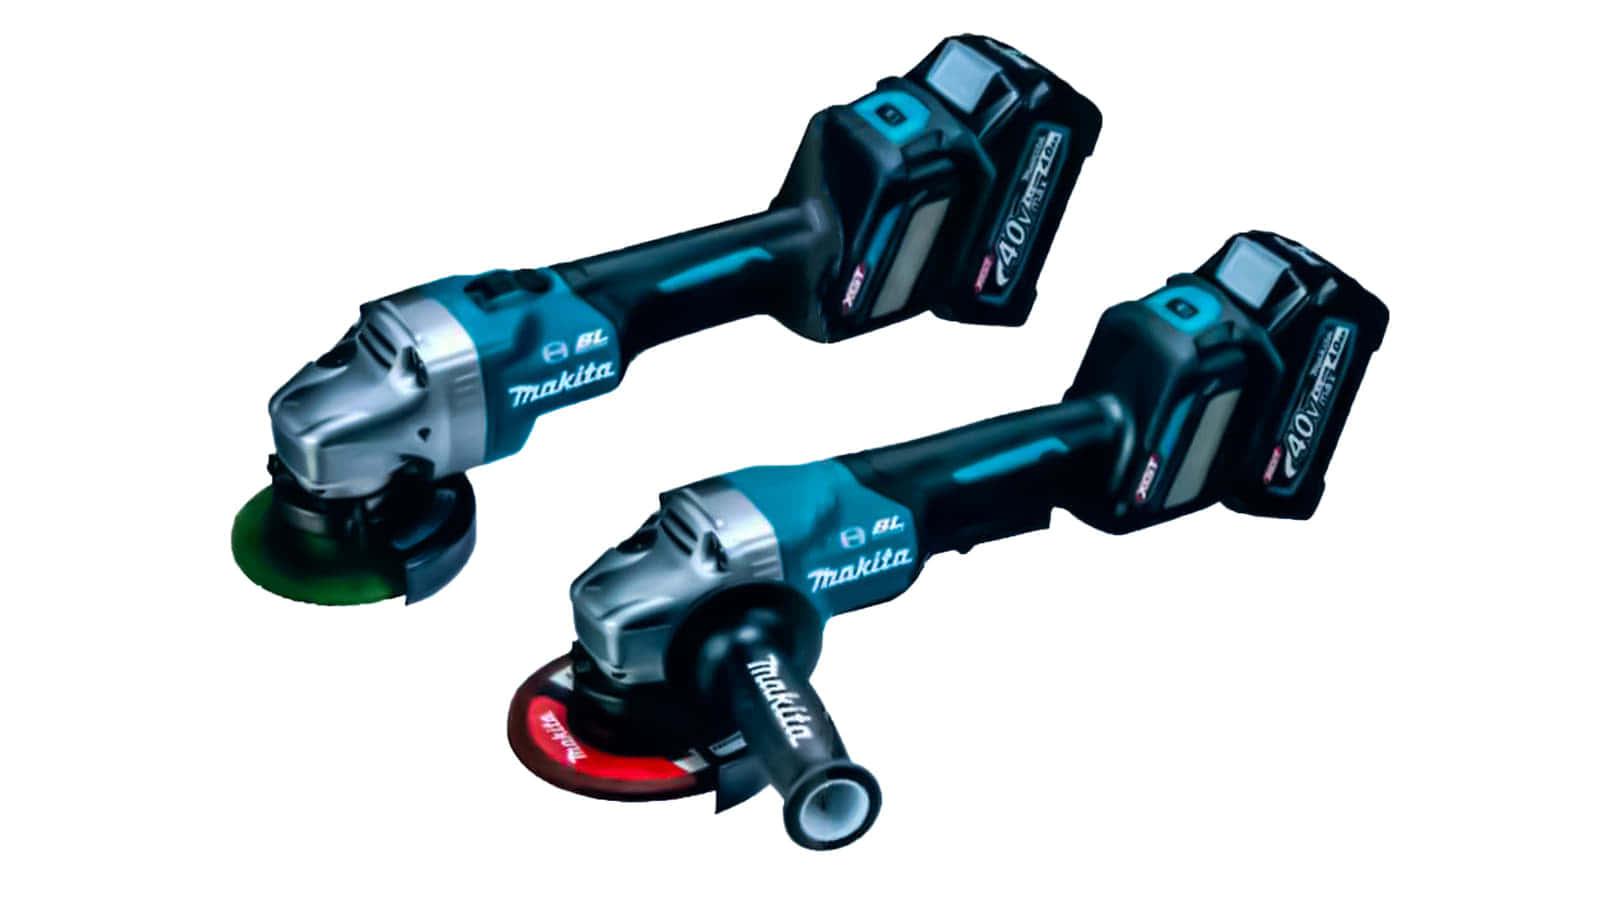 マキタ 40V MAXグラインダGA017G/GA018G/GA019G/GA020Gを発売